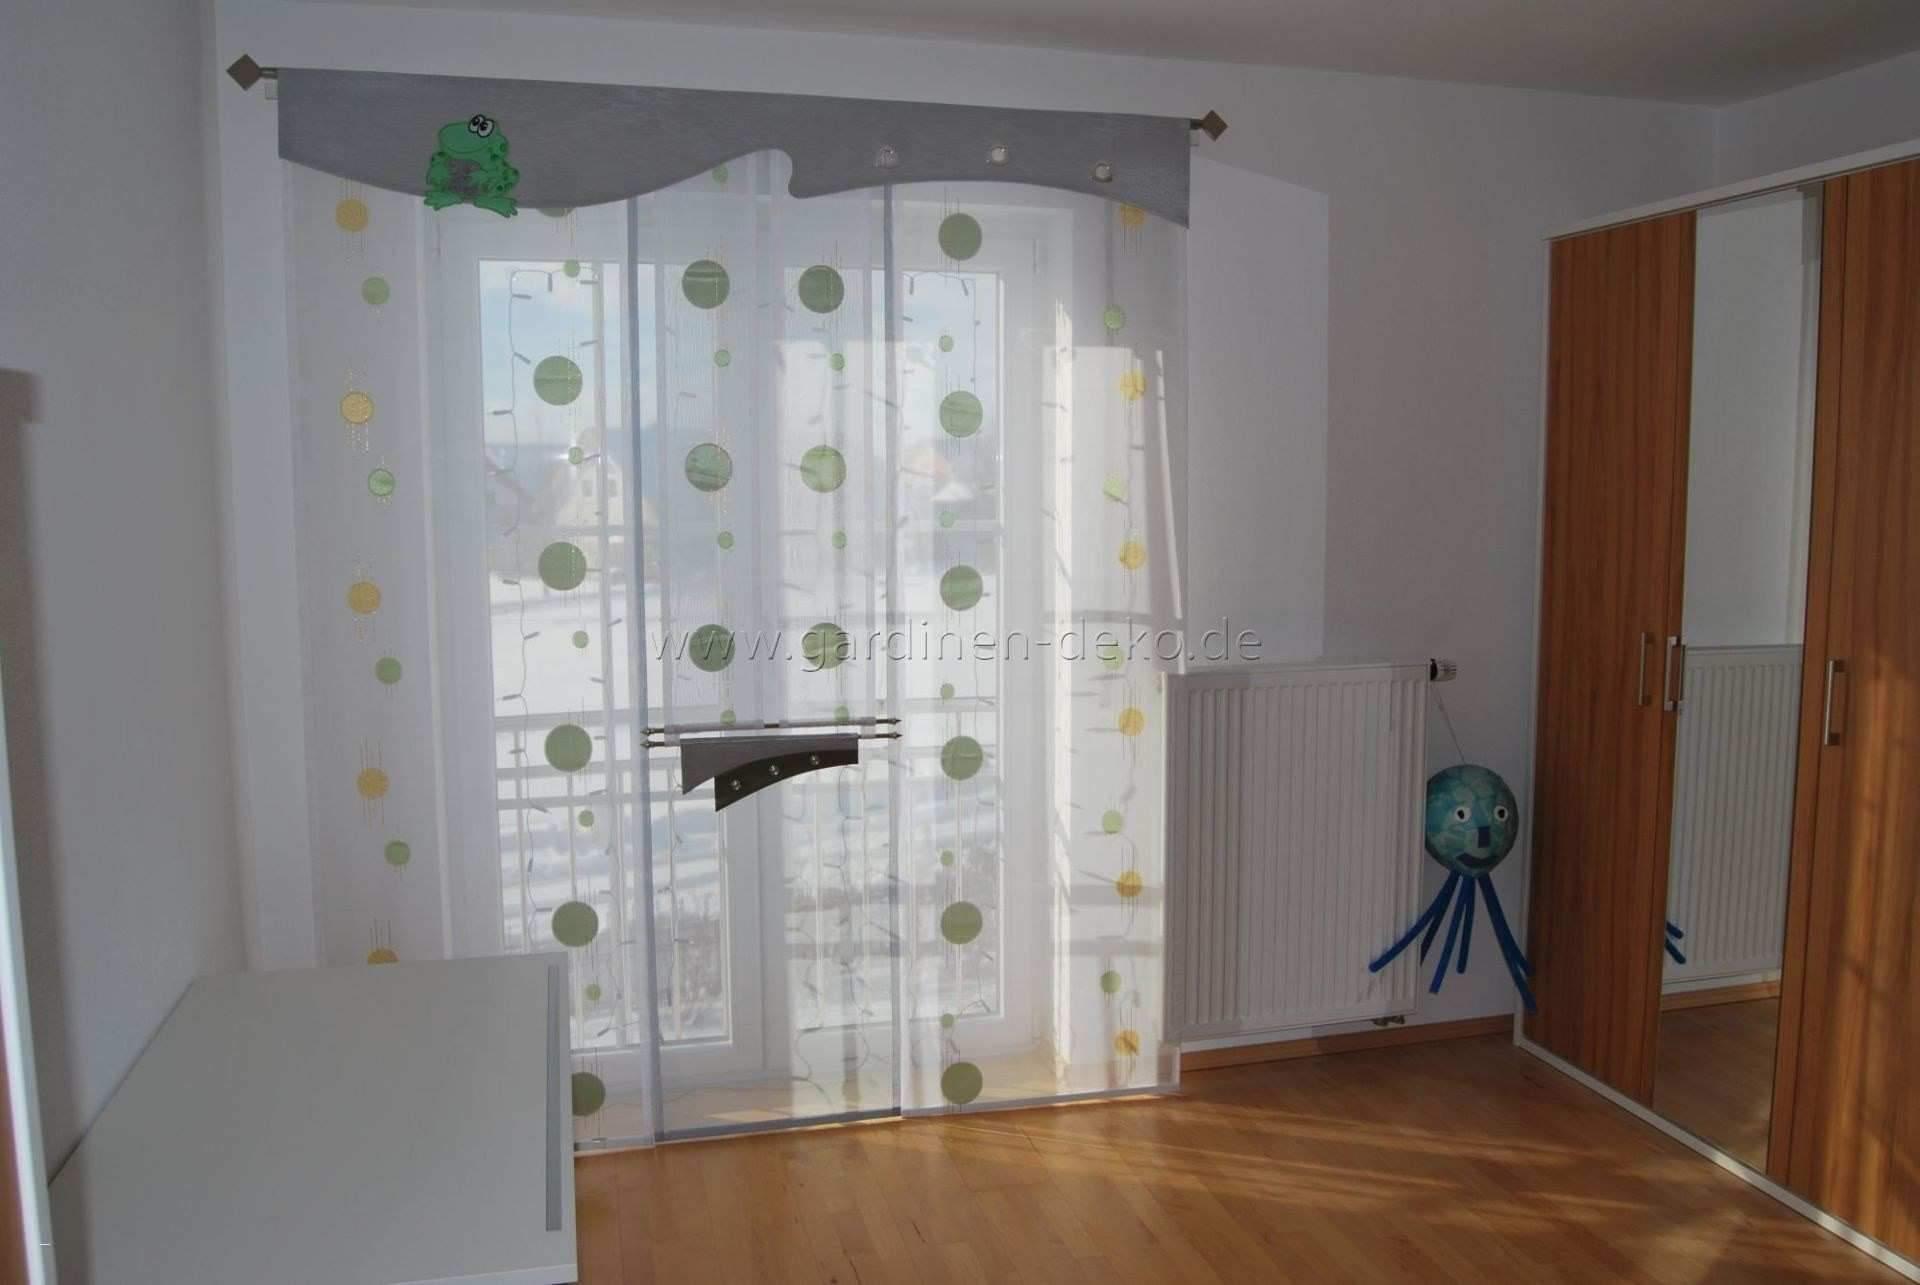 Full Size of Rollos Wohnzimmer Rollo Das Beste Von 50 Einzigartig Moderne Deckenleuchte Decke Board Led Komplett Teppich Indirekte Beleuchtung Sessel Für Fenster Wohnzimmer Rollos Wohnzimmer